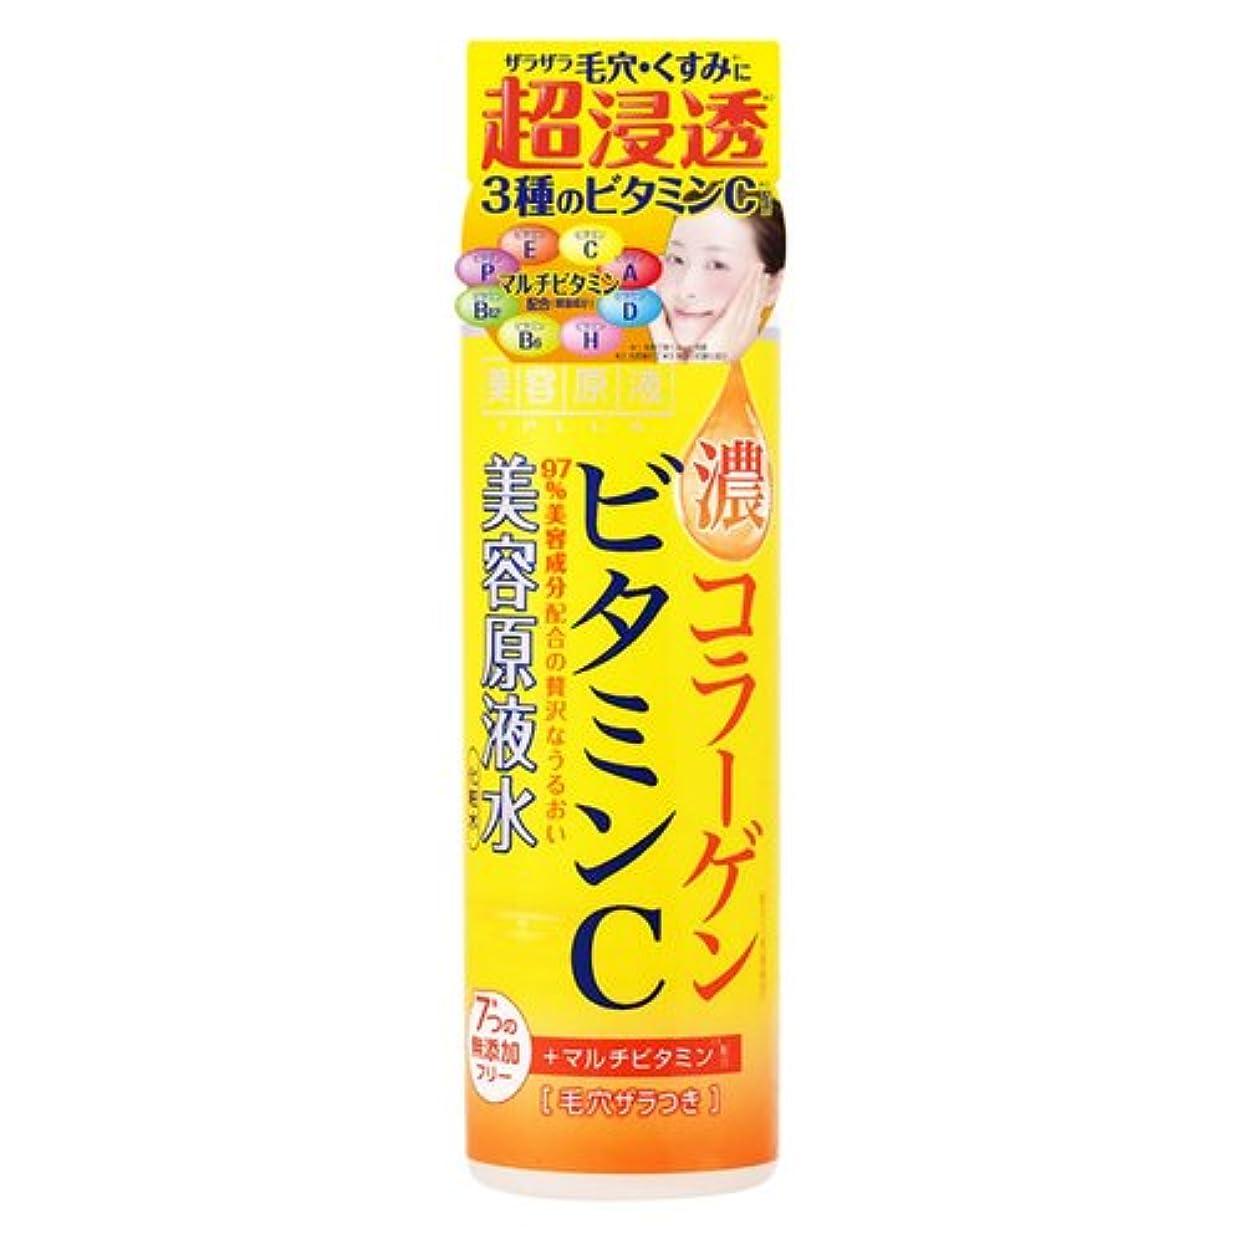 コース前述の有能な美容原液 超潤化粧水VC 185mL